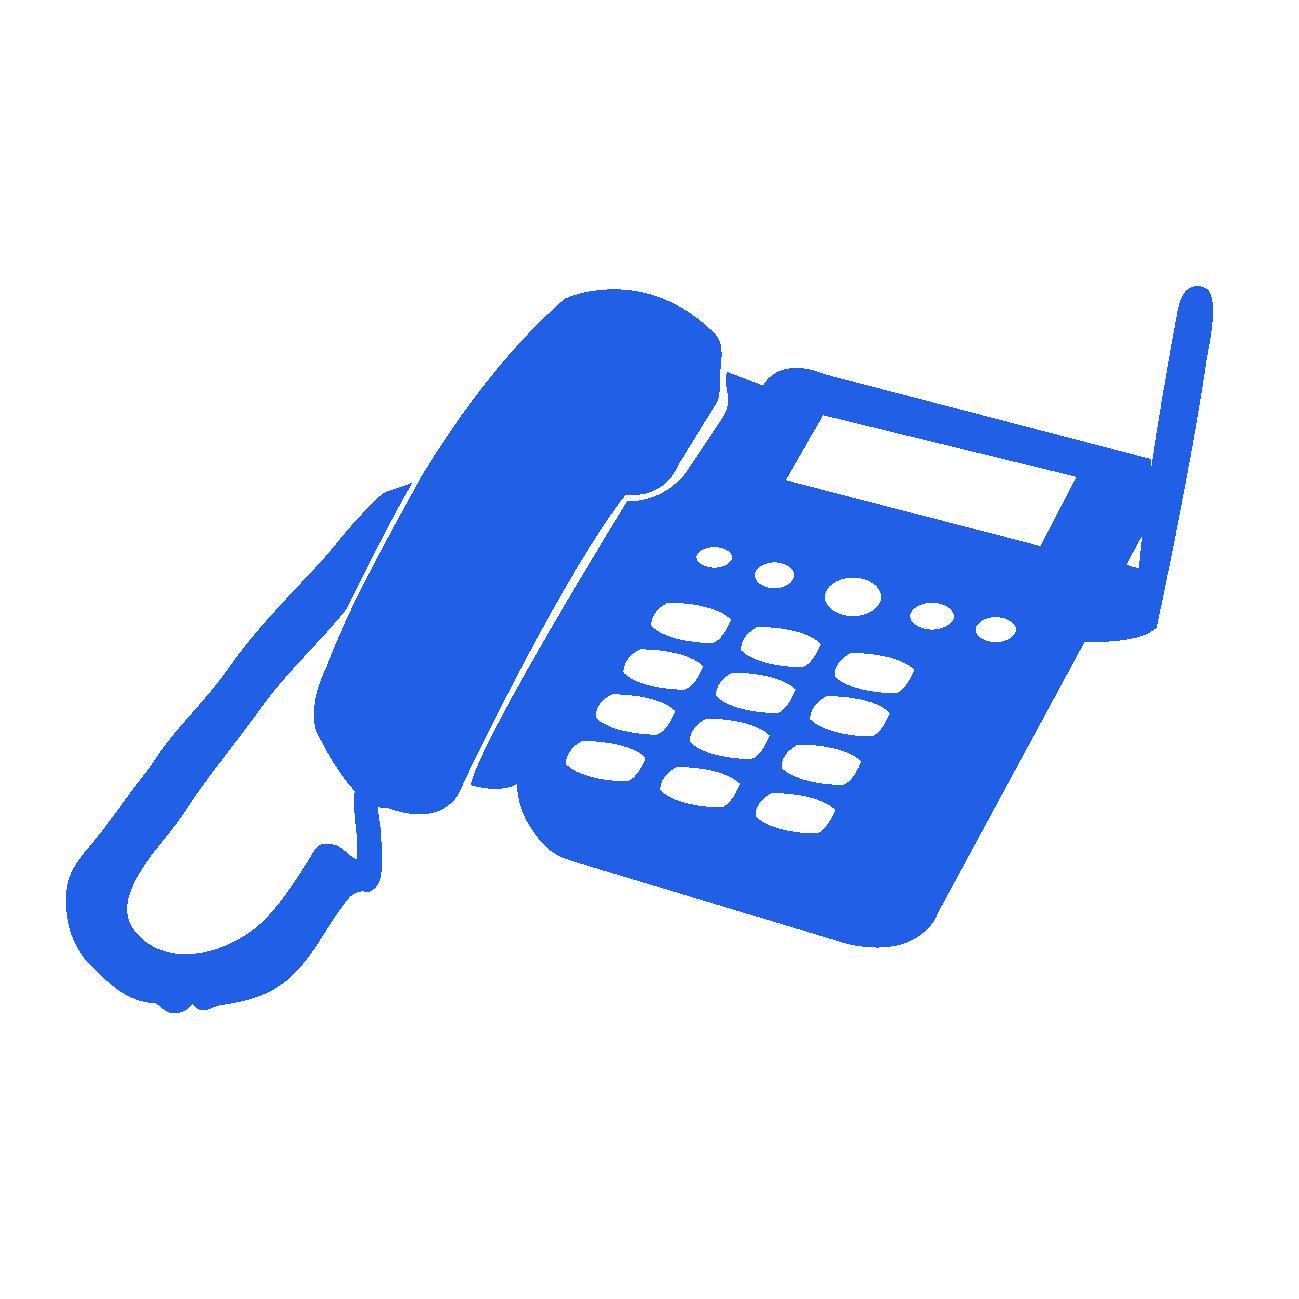 NTTの固定電話のアナログ回線とひかり電話、いったい何が違うの!?